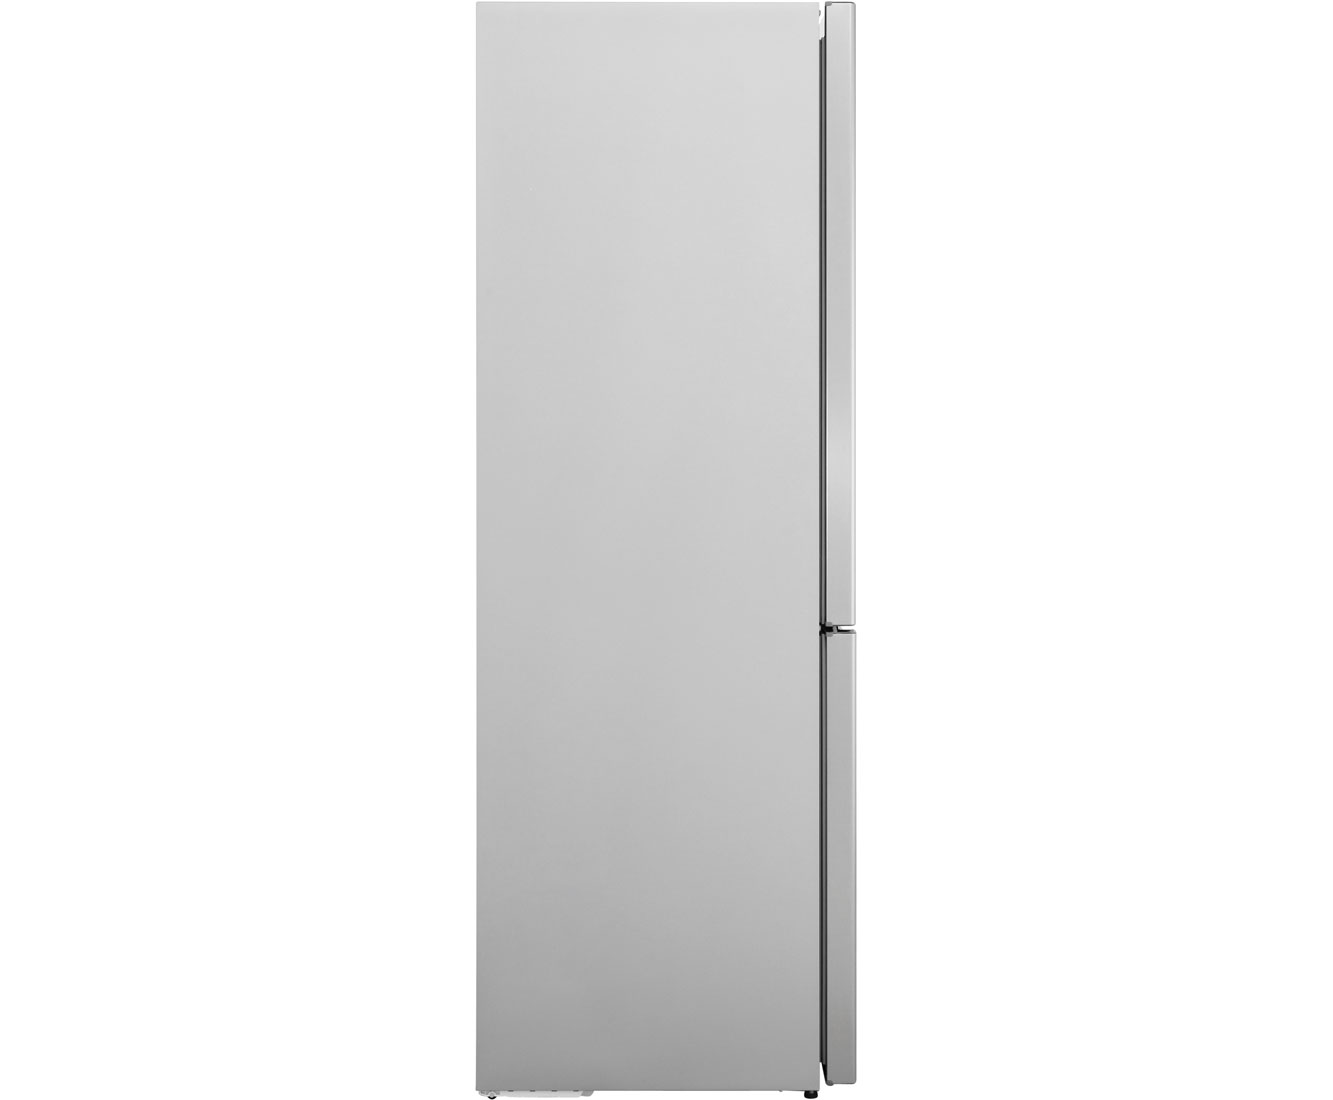 Bosch Kühlschrank Wasser Sammelt Sich : Bosch kühlschrank wasser sammelt sich gestank durch kühlschrank